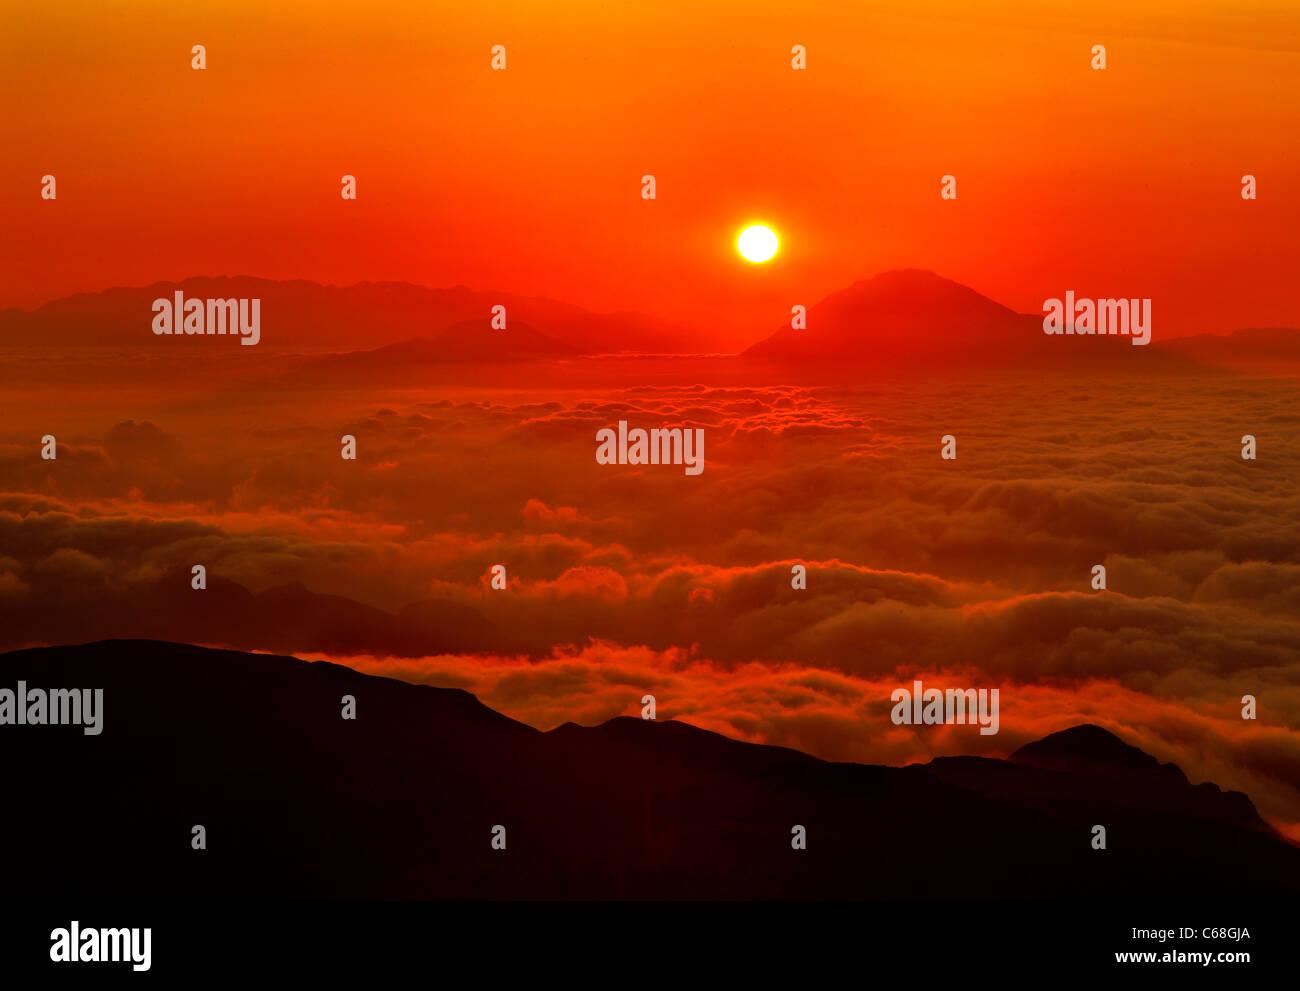 Sonnenuntergang über einem Meer der Wolken. Foto vom Mount Kofina das höchste Berg des Asterousia Gebirge, Süd-Kreta. Stockfoto